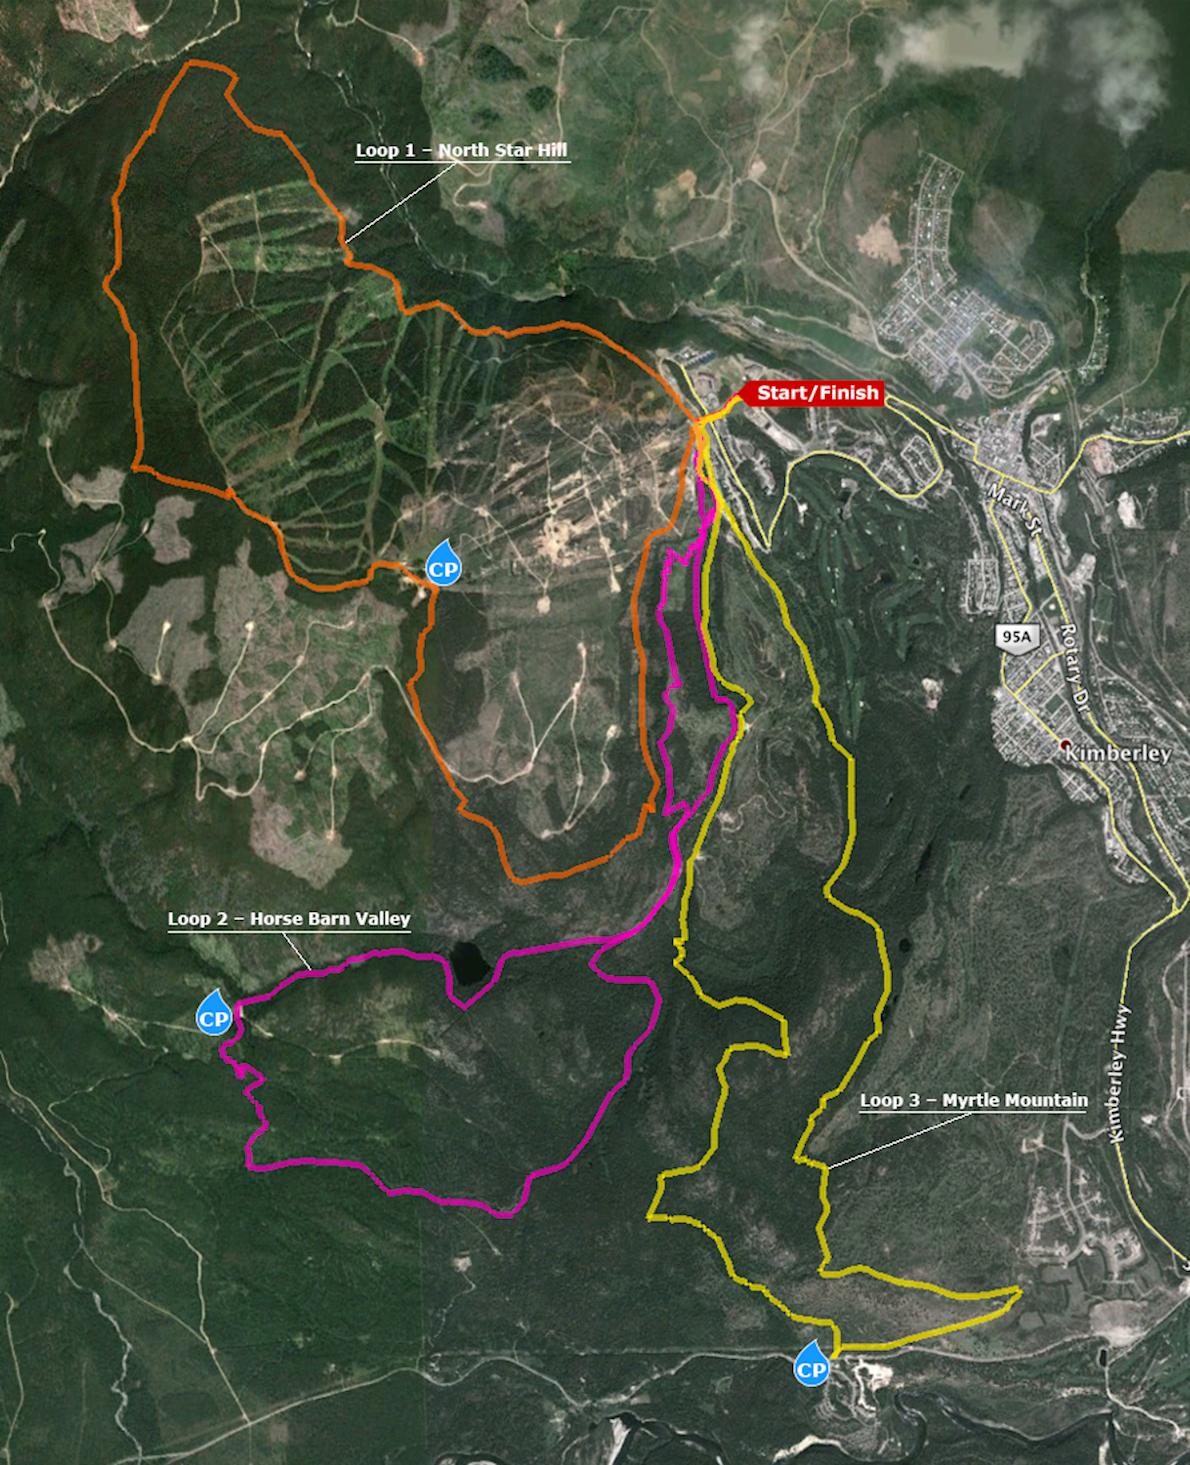 Black Spur Ultra Mappa del percorso